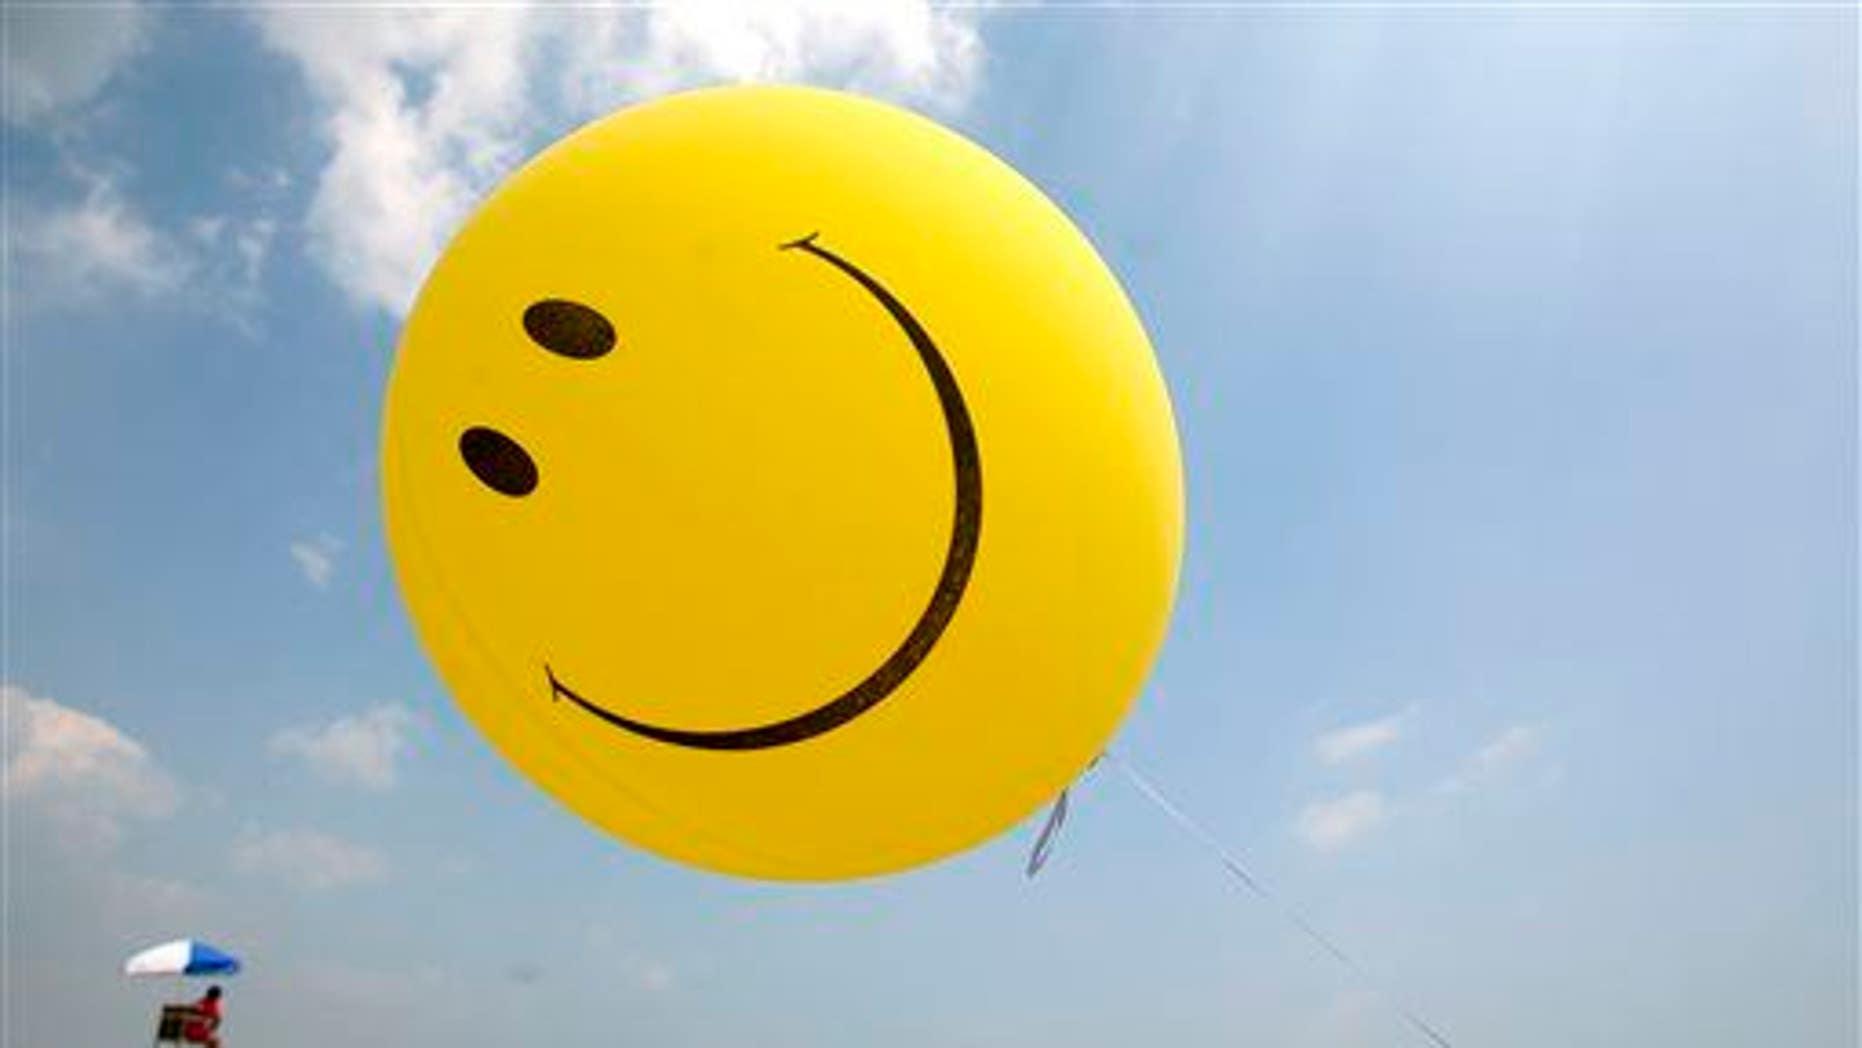 A smiley face balloon is shown.